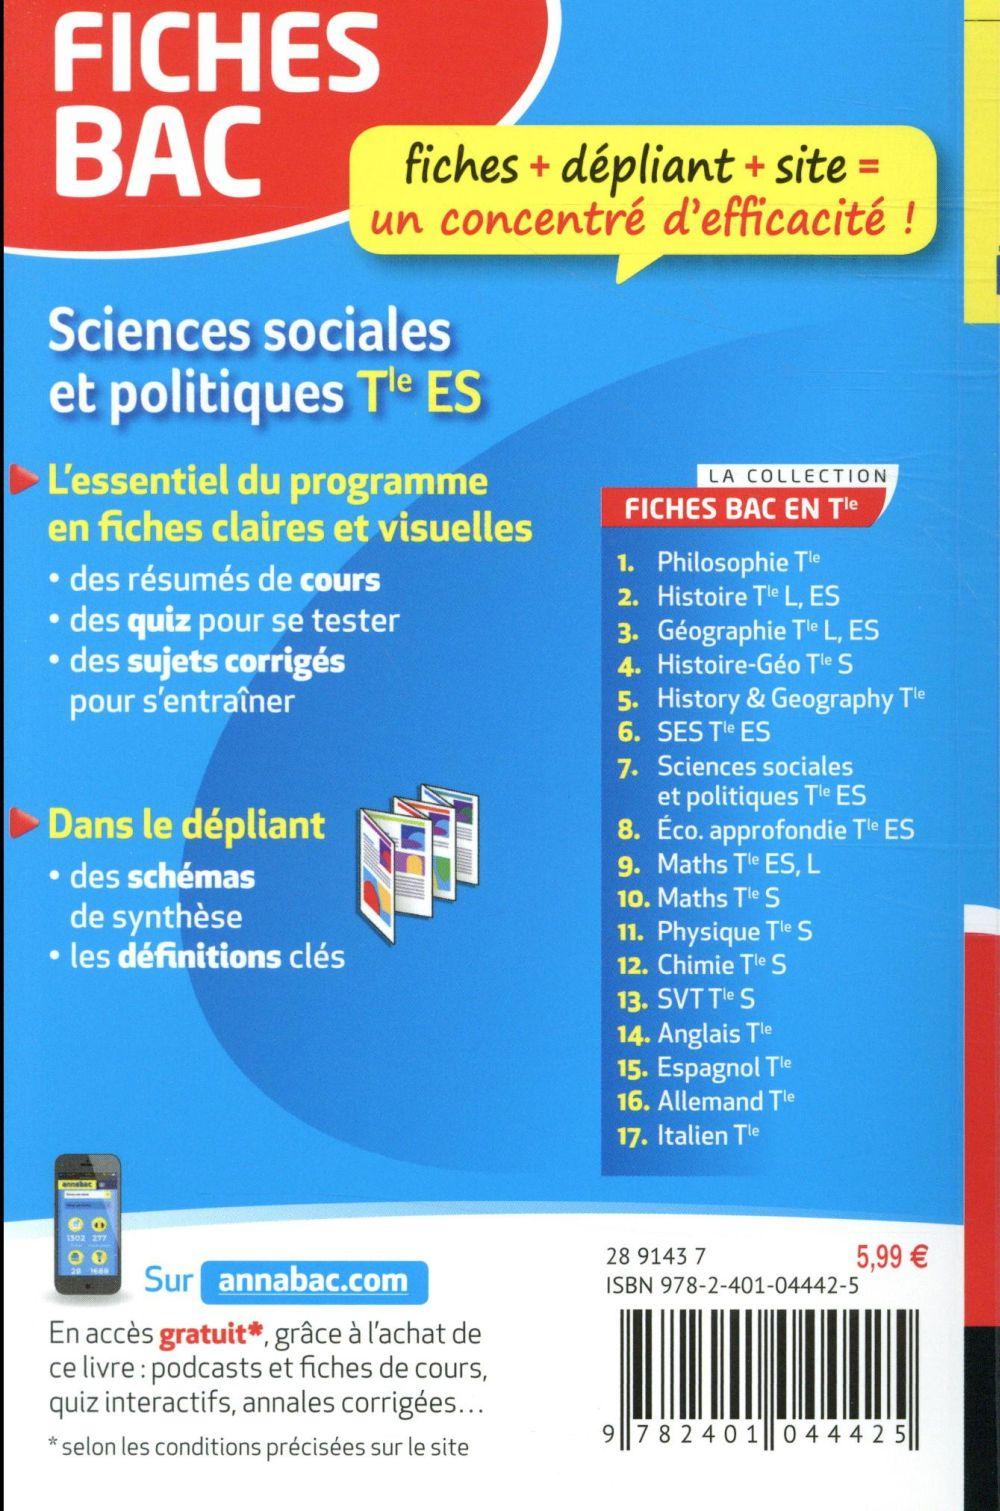 Sciences Sociales Et Politiques Terminale Es Bac : sciences, sociales, politiques, terminale, Fiches, Sciences, Sociales, Politiques, Terminale, Franck, Rimbert, Hatier, Poche